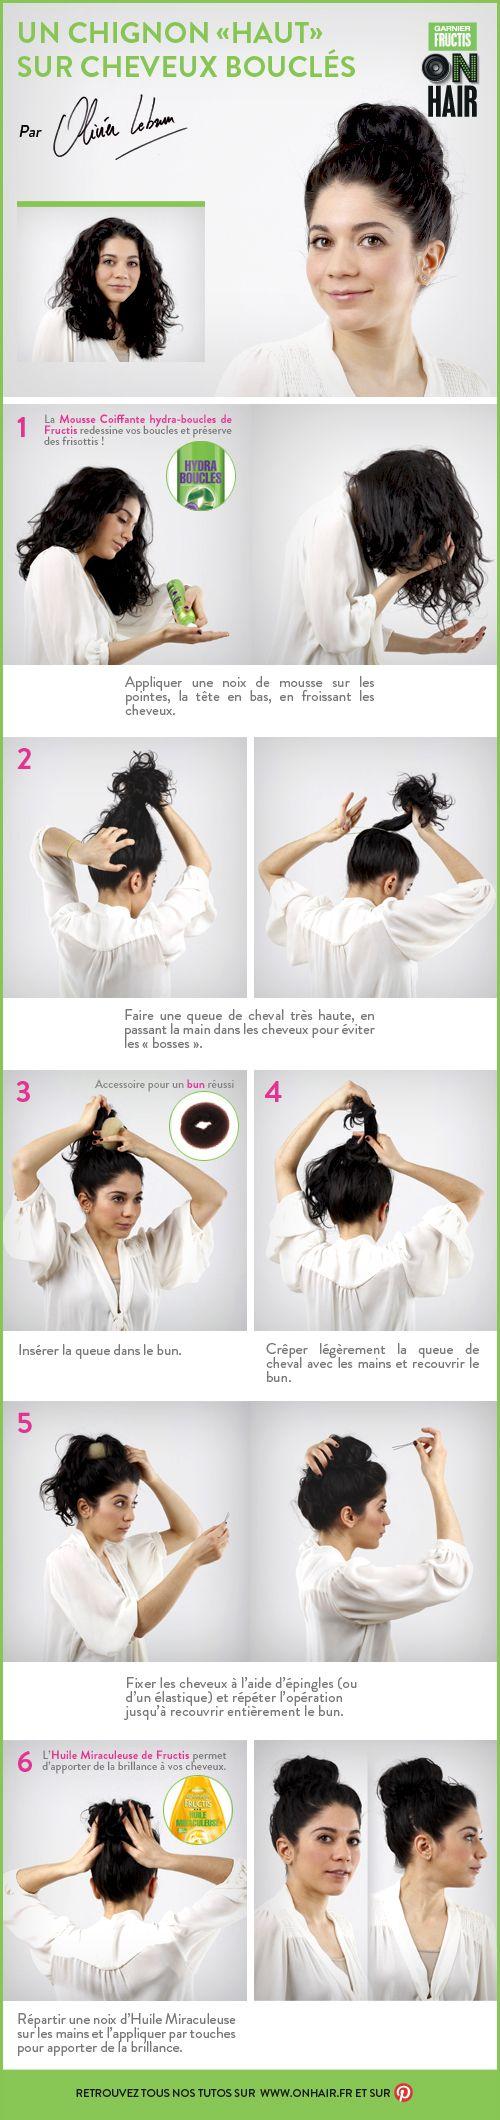 Chignon «haut» sur cheveux bouclés